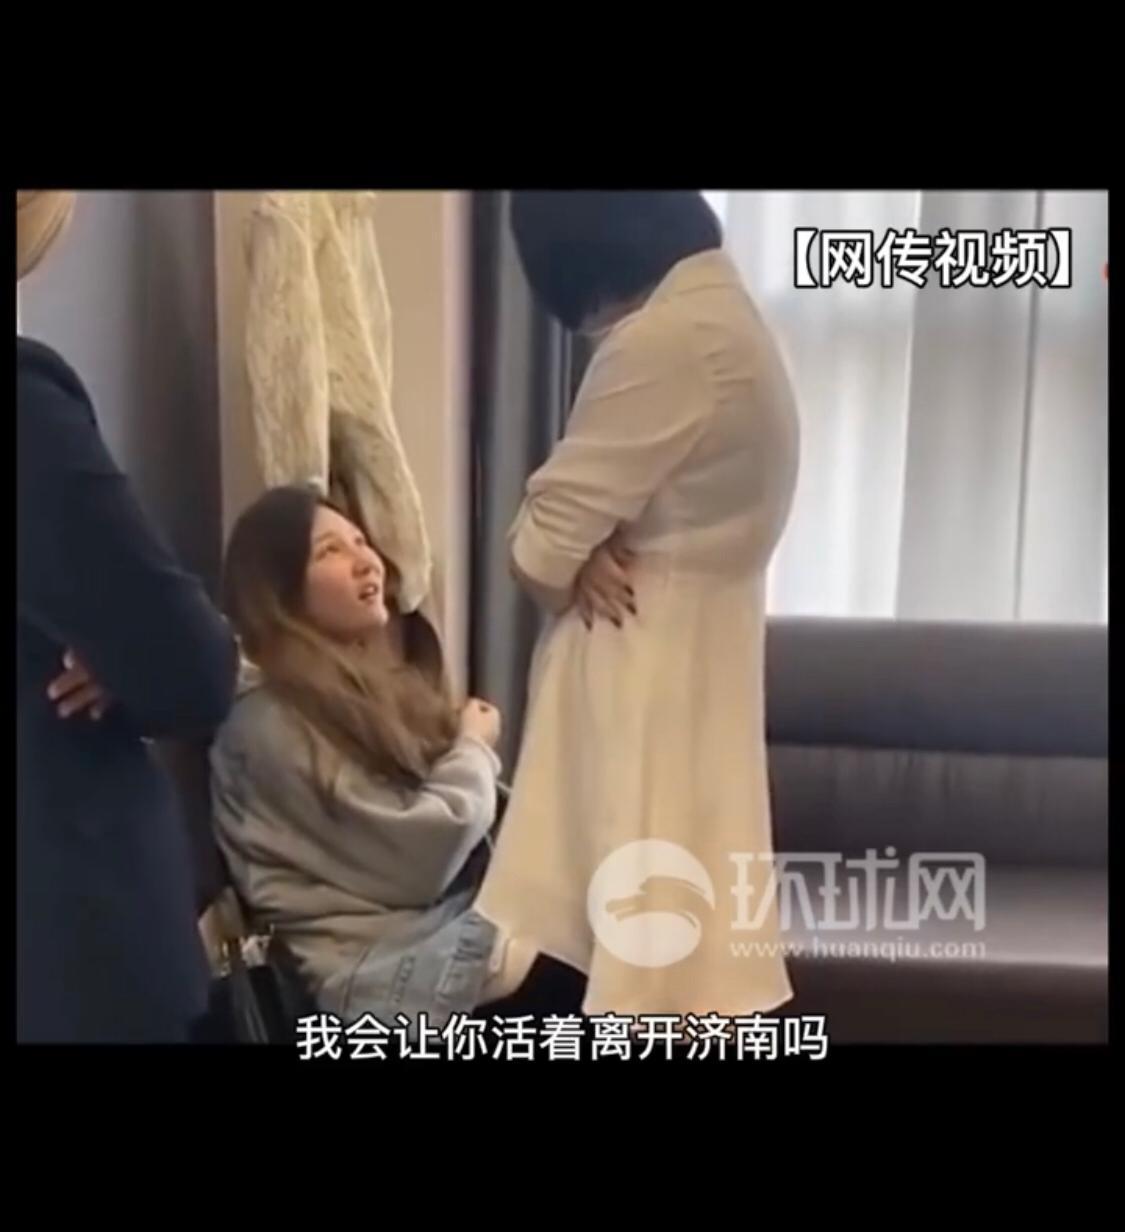 """整形机构女老板殴打顾客,还称""""我会让你活着离开济南吗""""?警方通报了"""